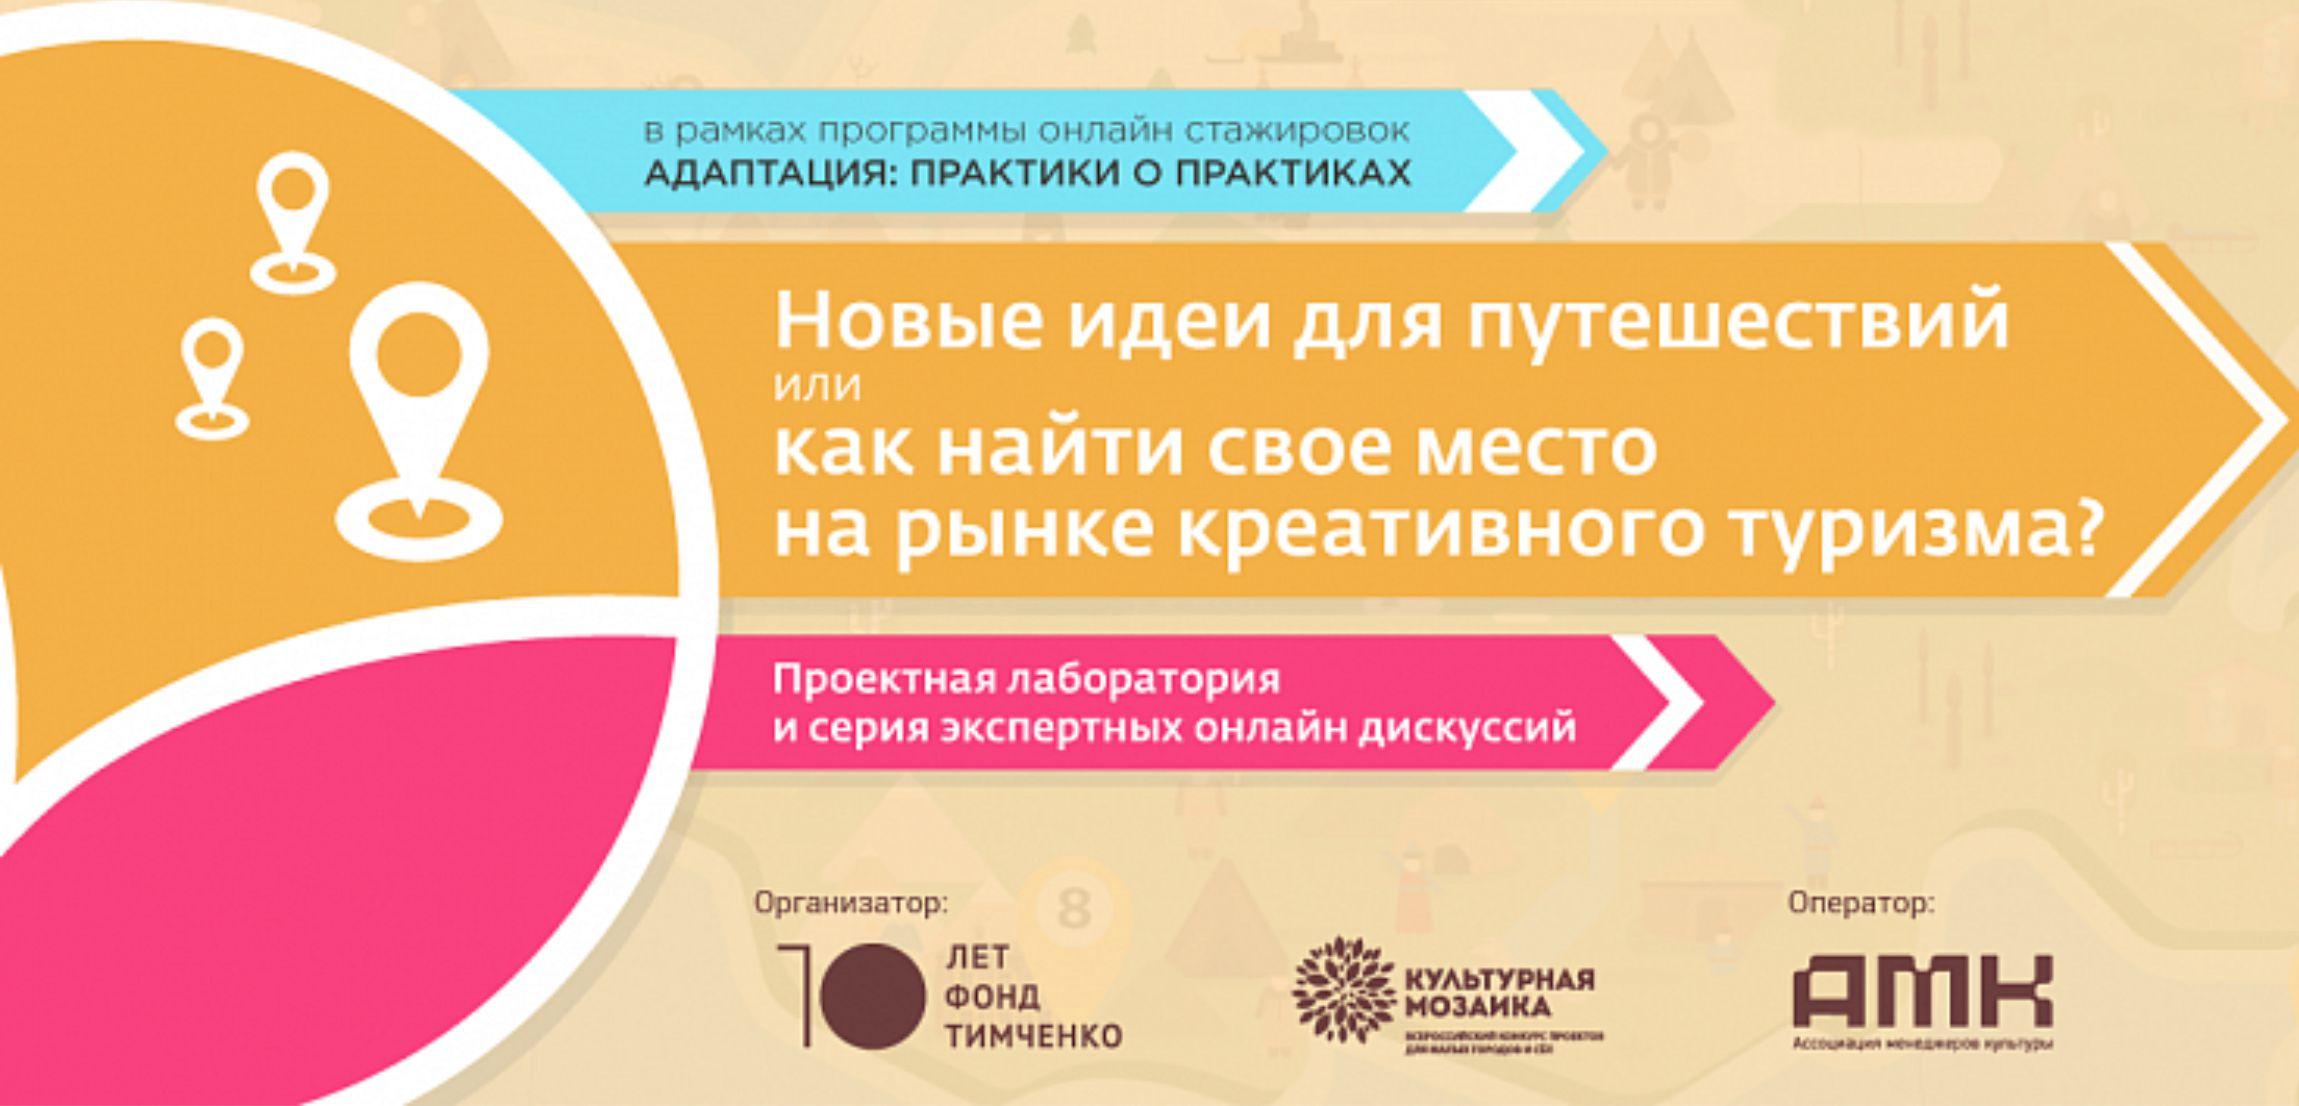 Специалисты Астраханского Центра народной культуры – участники лаборатории «Новые идеи для путешествий»